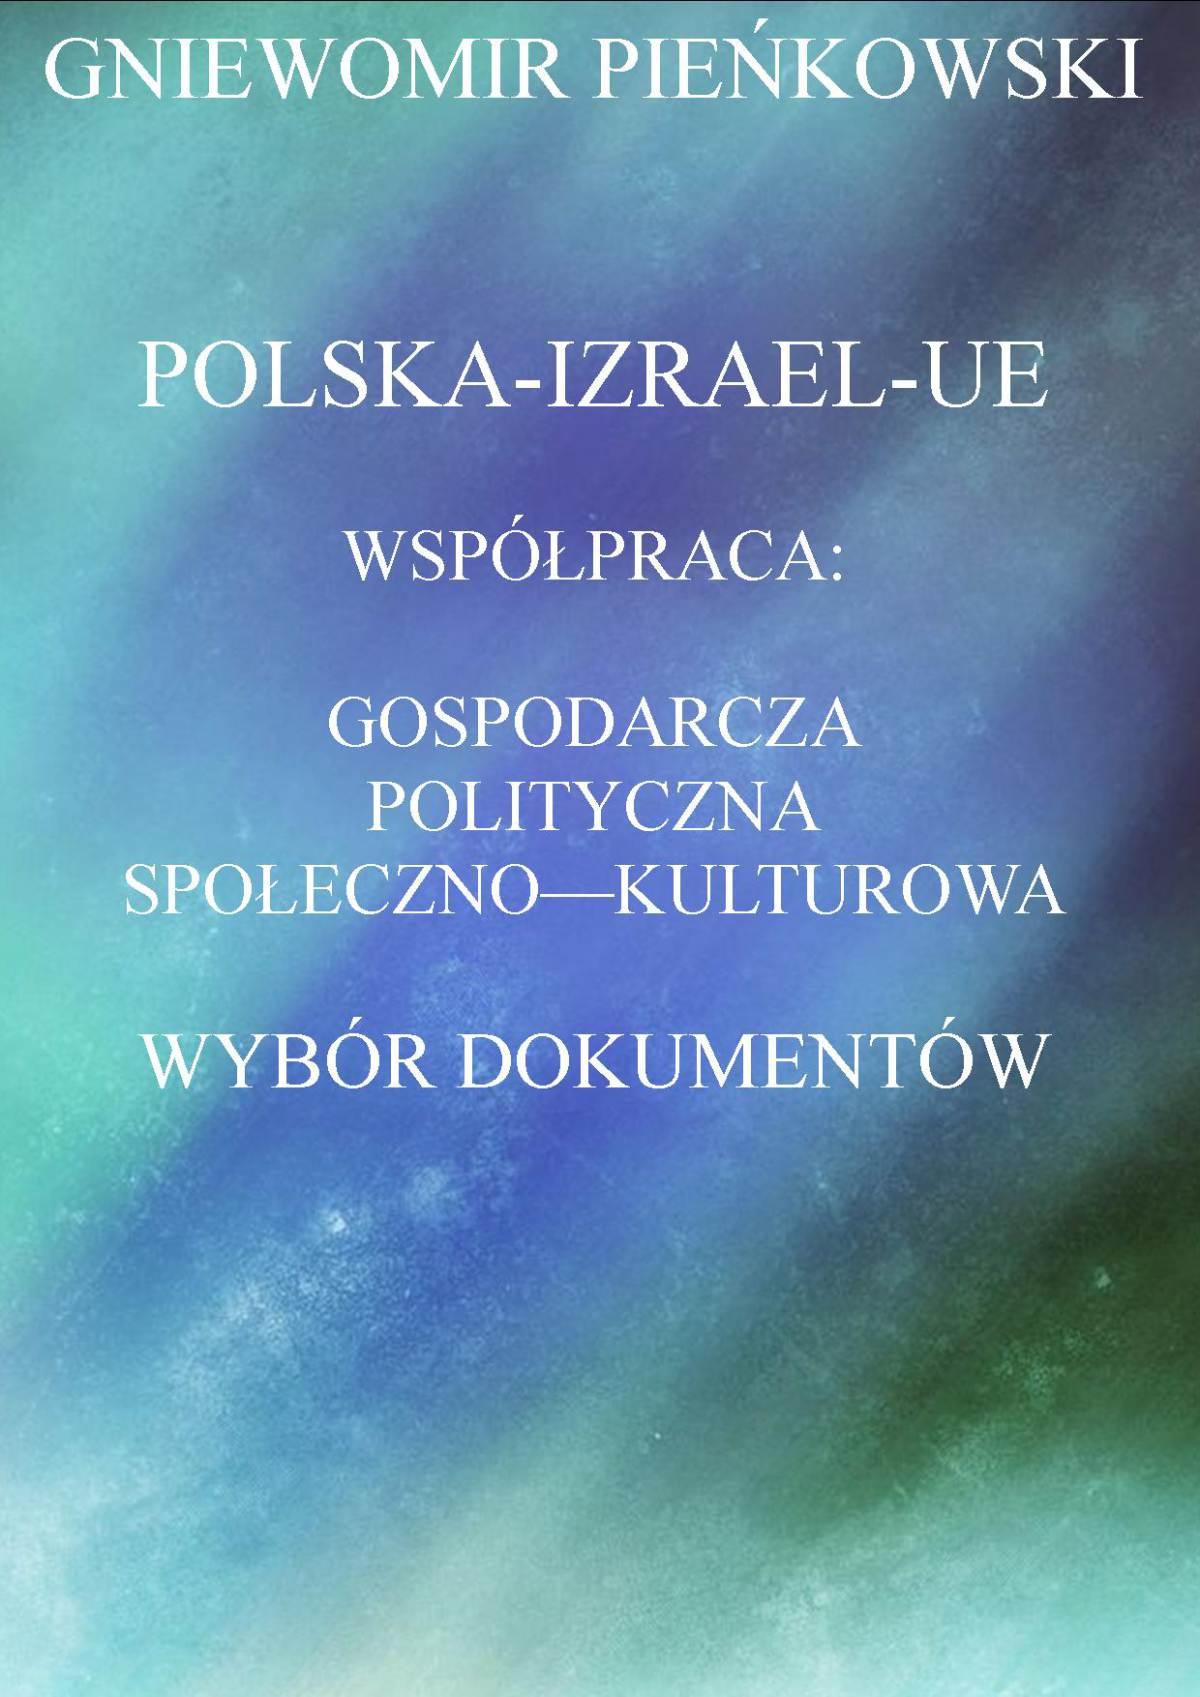 Polska-Izrael-Unia Europejska. Współpraca: gospodarcza, polityczna, społeczno - kulturowa. Wybór dokumentów. - Ebook (Książka PDF) do pobrania w formacie PDF